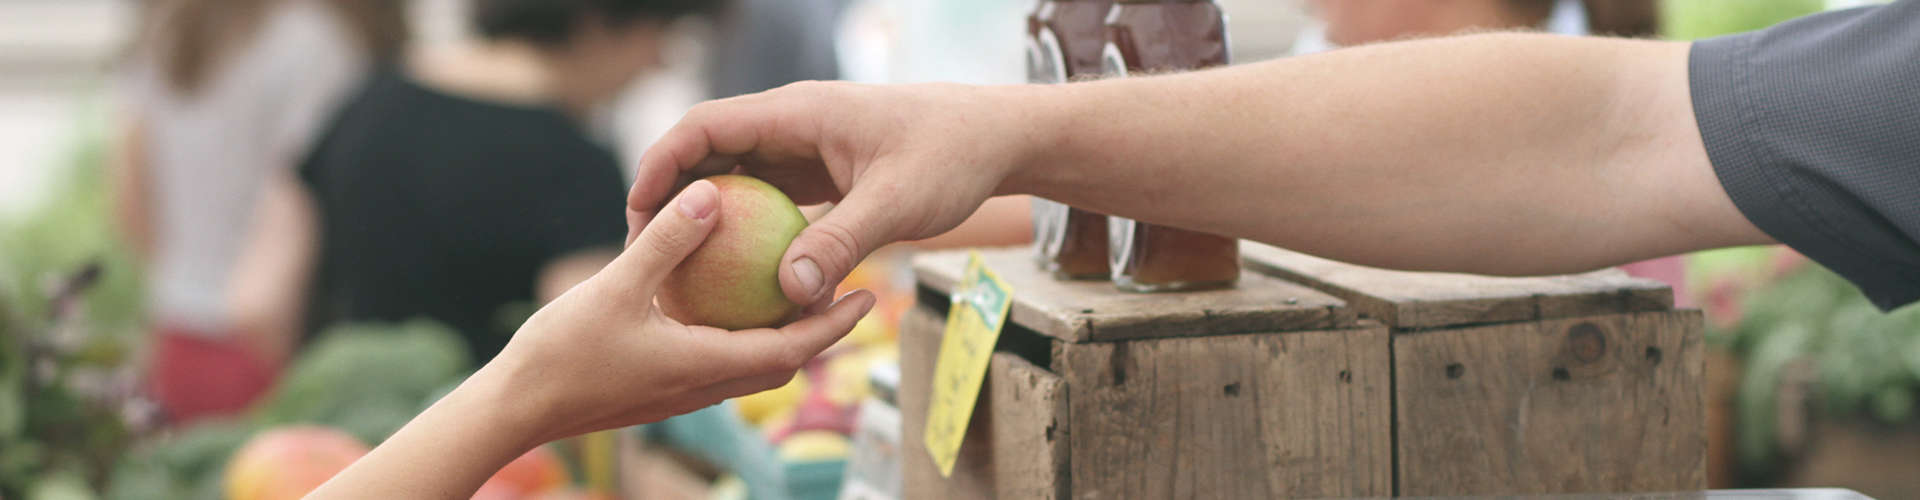 רוכל מעביר פרי ללקוח בסיור בשוק